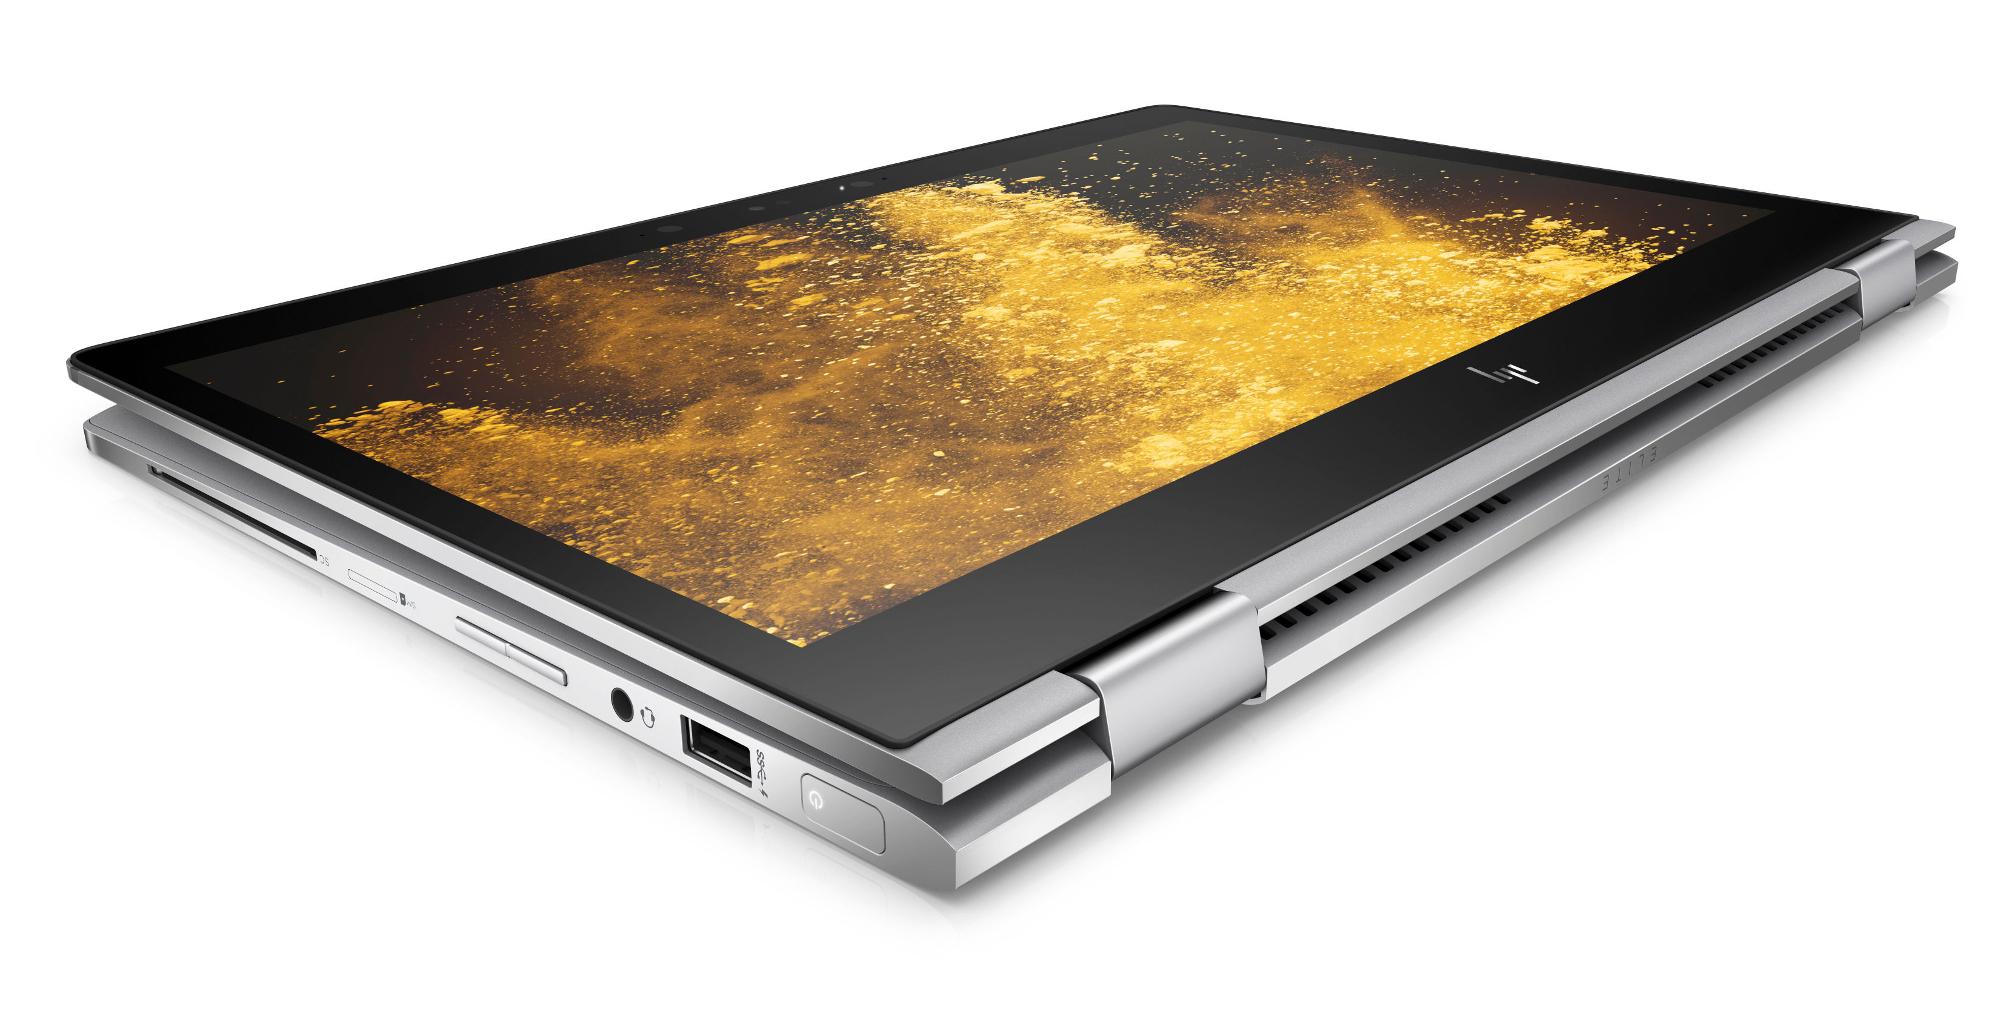 hp-elitebook-x360-tablet-mode.jpg